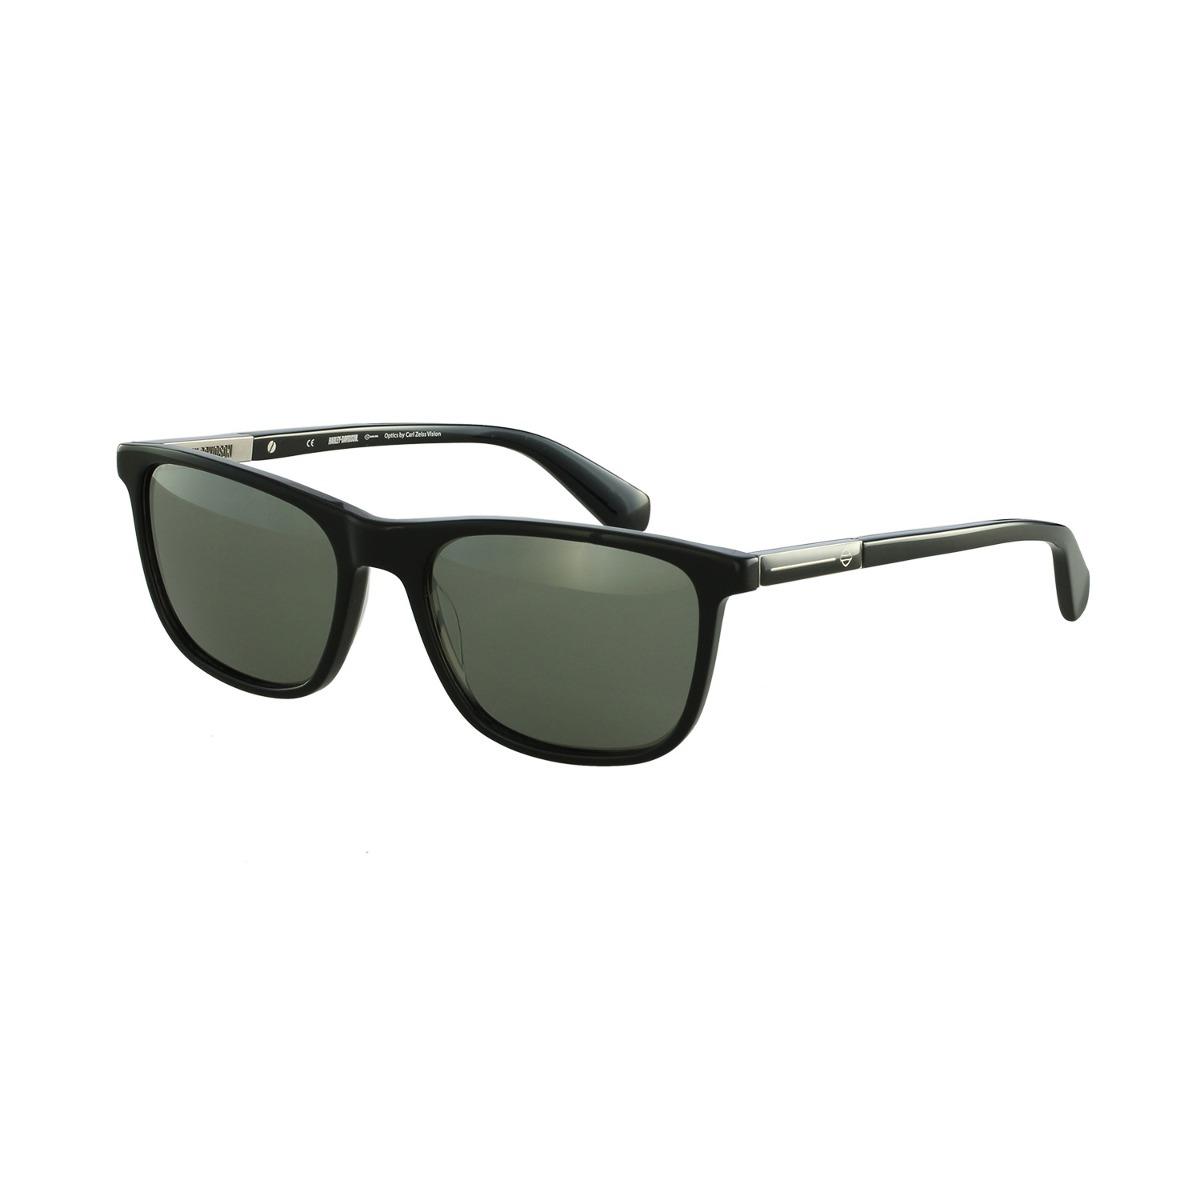 Óculos De Sol Harley Davidson Casual Preto - R  375,00 em Mercado Livre 77ad898bd3